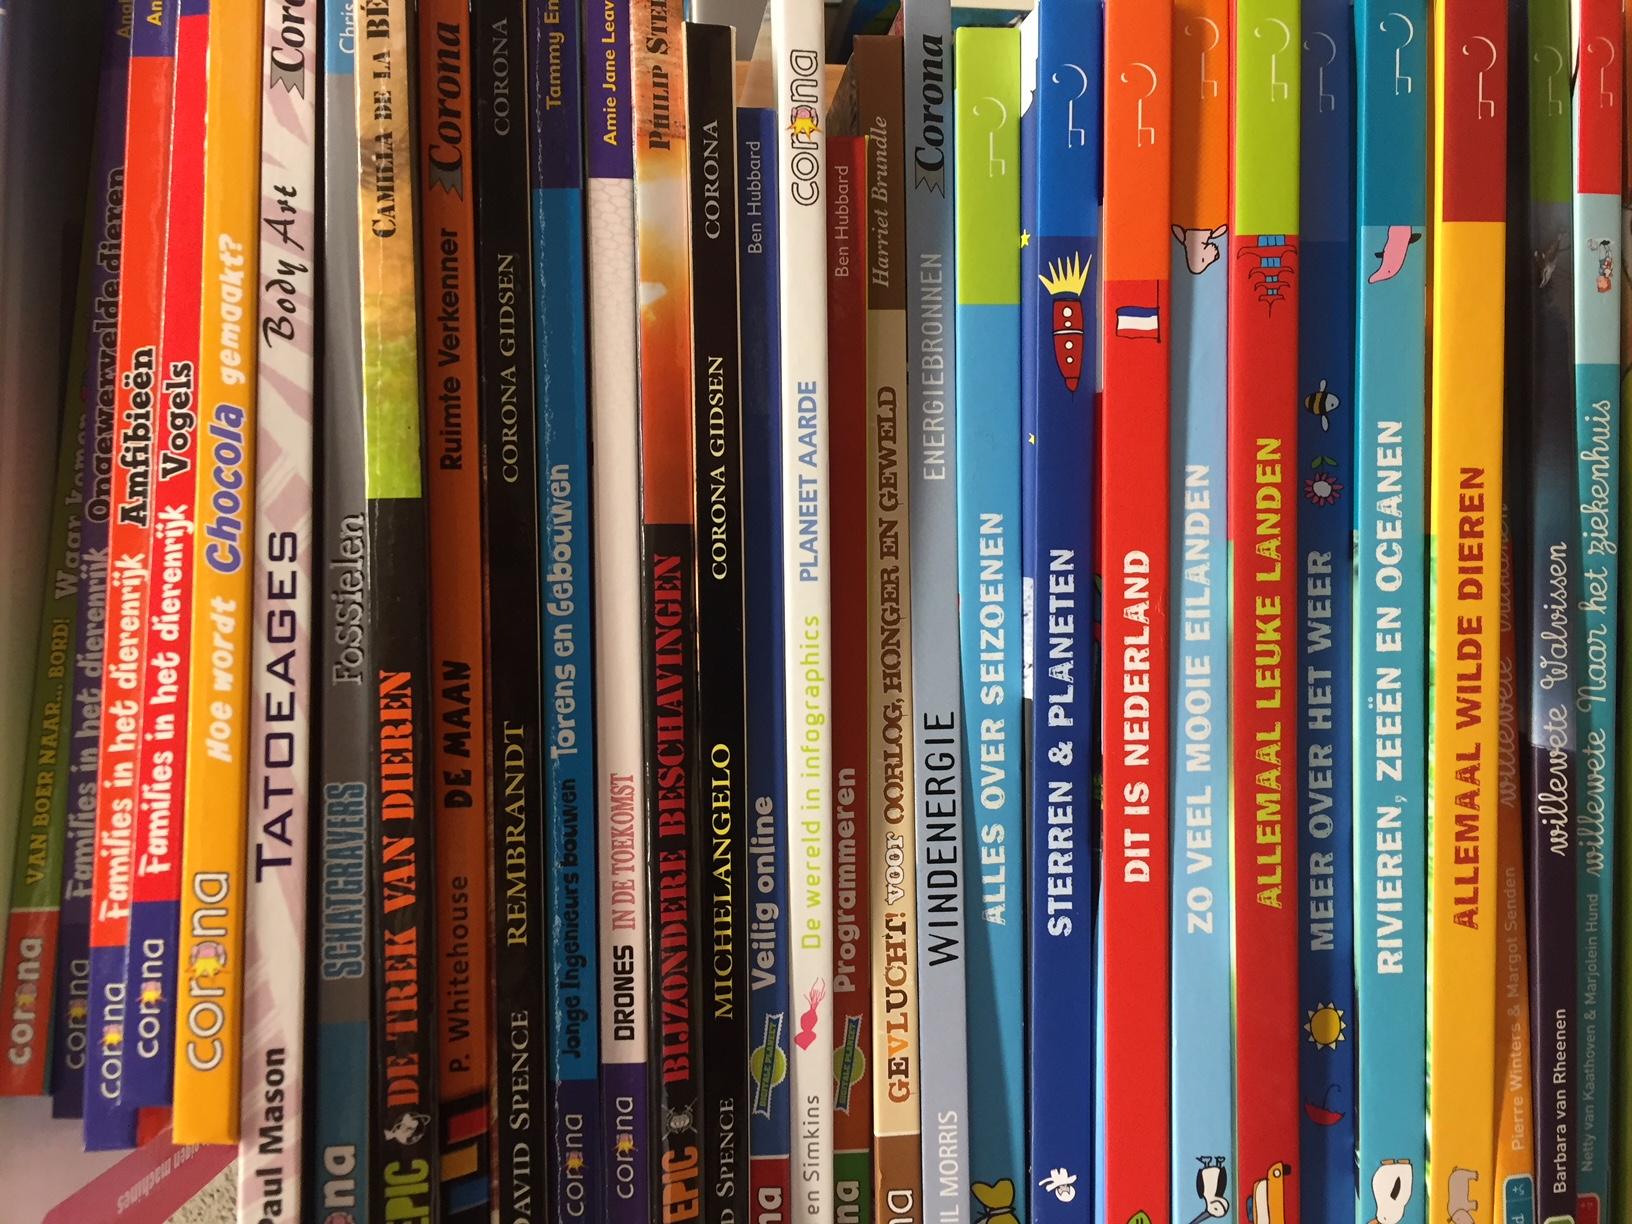 Veel nieuwe leesboeken na opschoonactie mediatheek